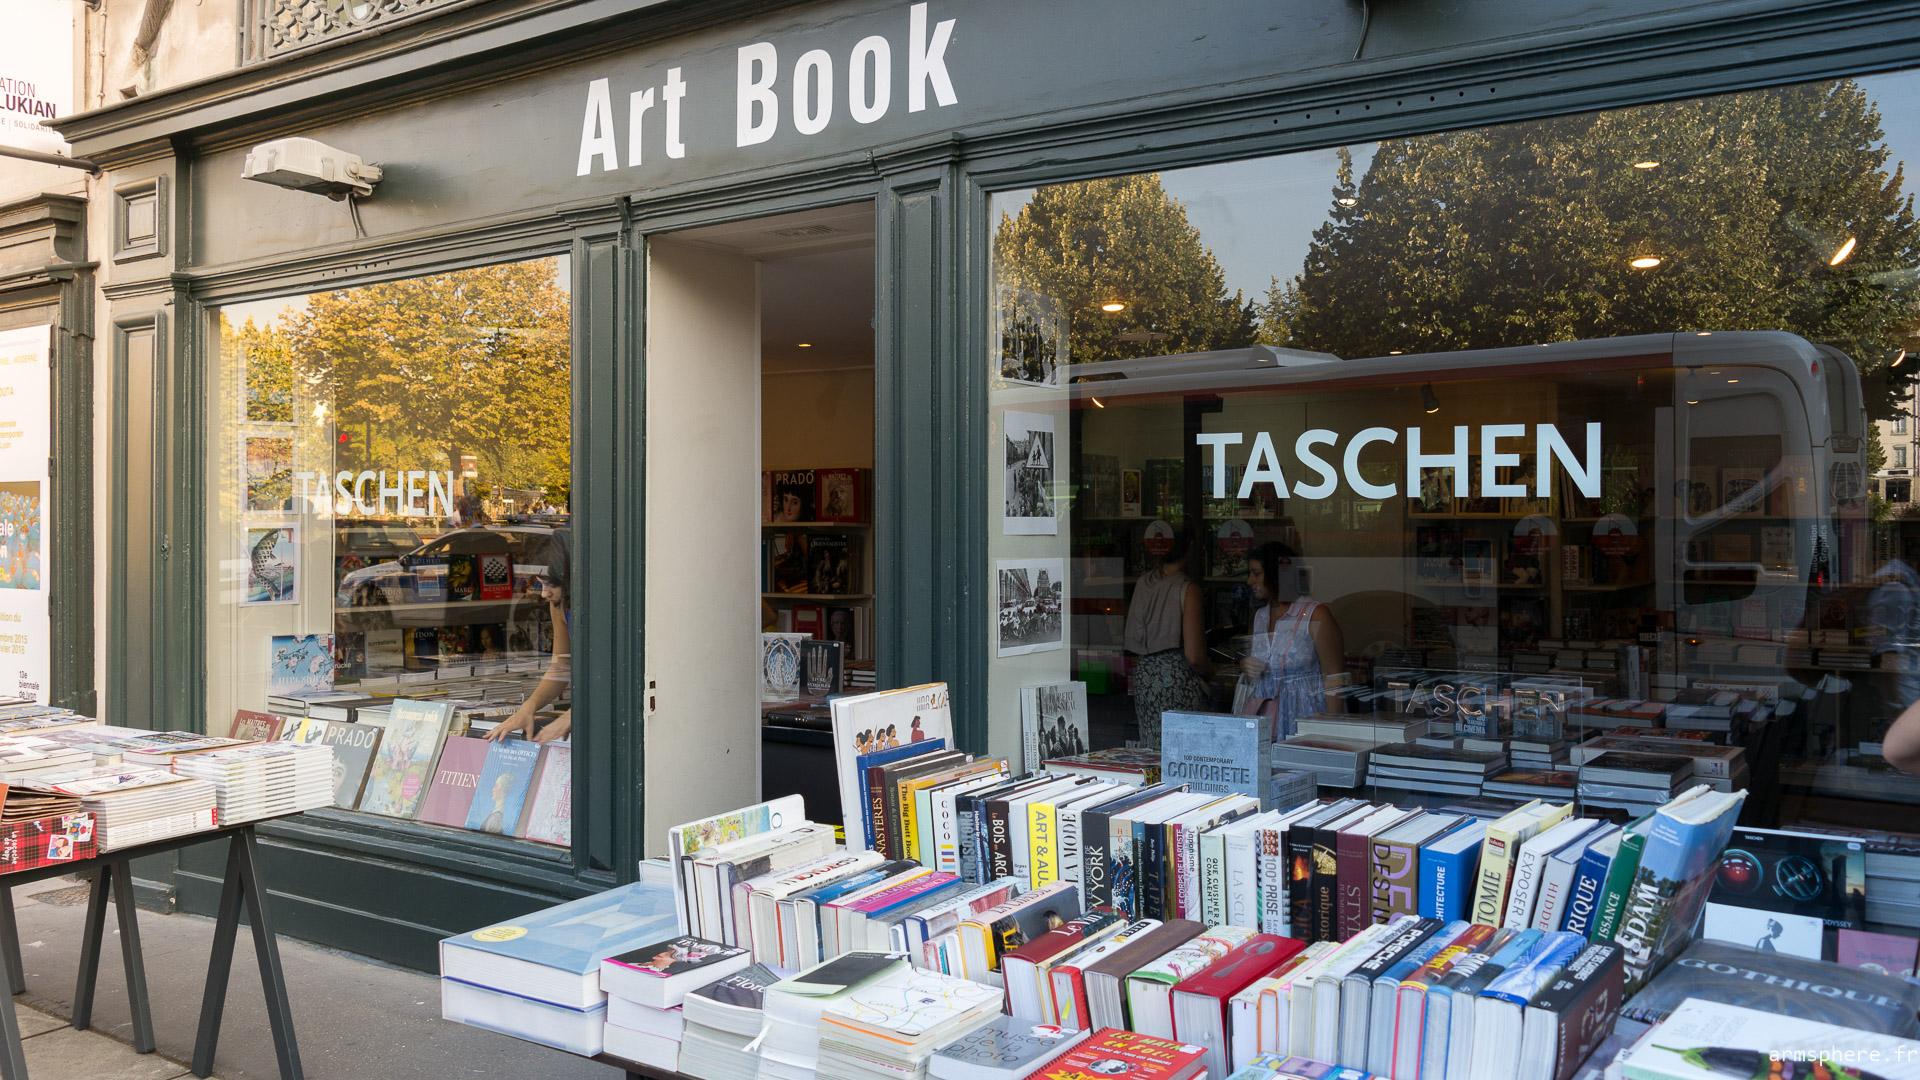 Art Book Lyon façade